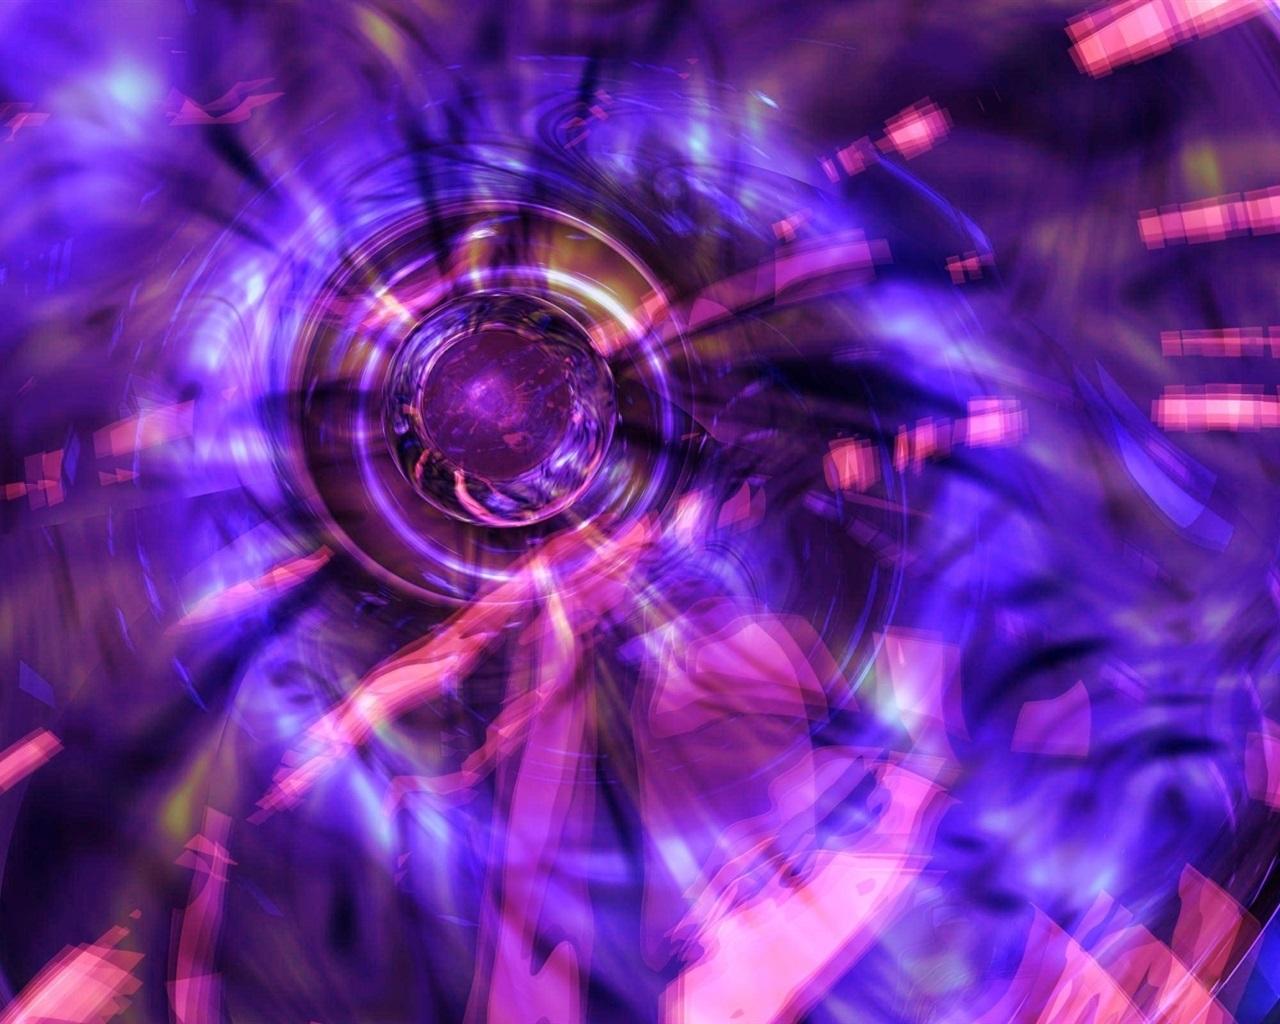 Fondo De Pantalla Abstracto Flores Y Circulos: Luz De Círculo Púrpura, Abstracto Fondos De Pantalla